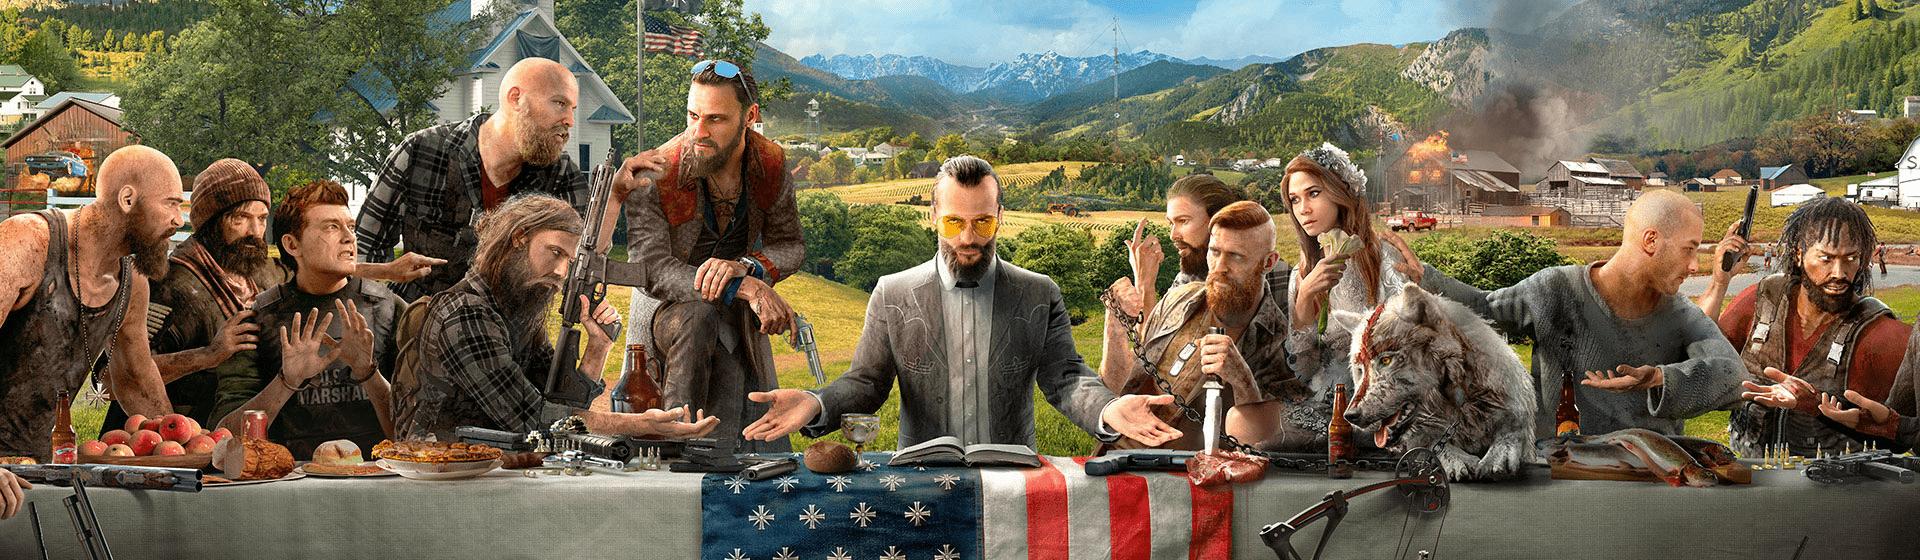 Far Cry 5: requisitos mínimos e recomendados no PC